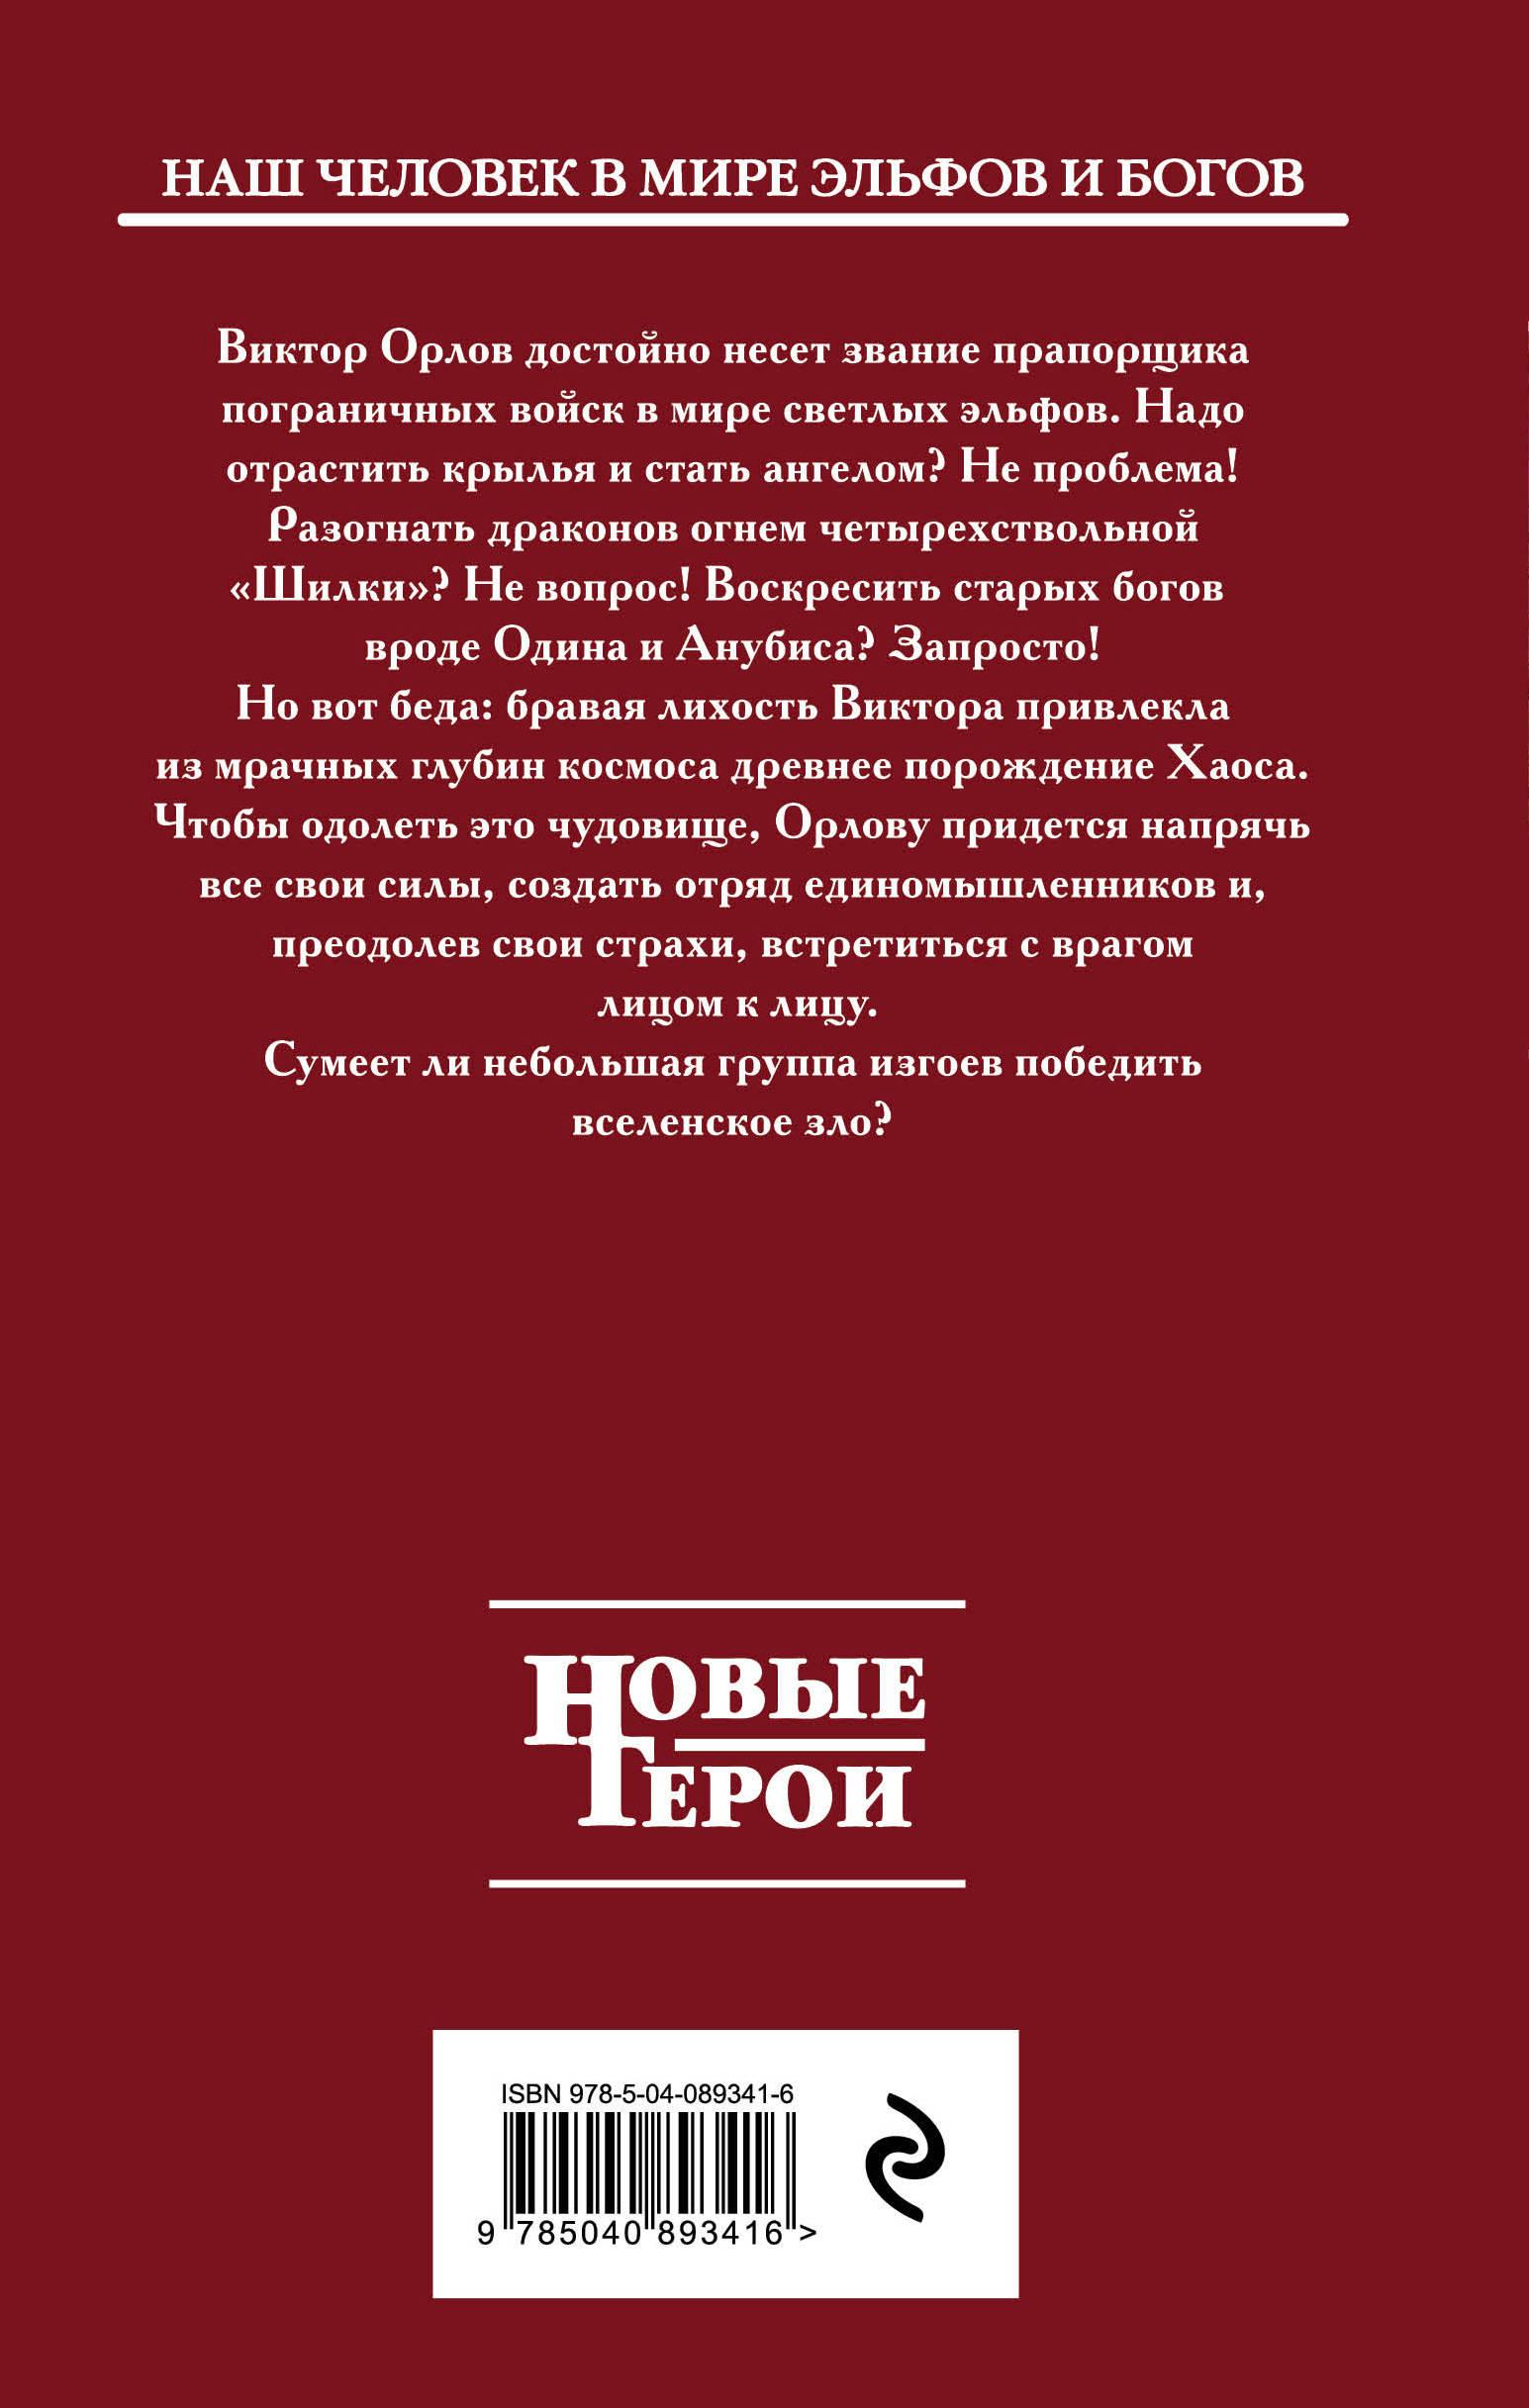 Прапорщик драконьей кавалерии. Михаил Ланцов